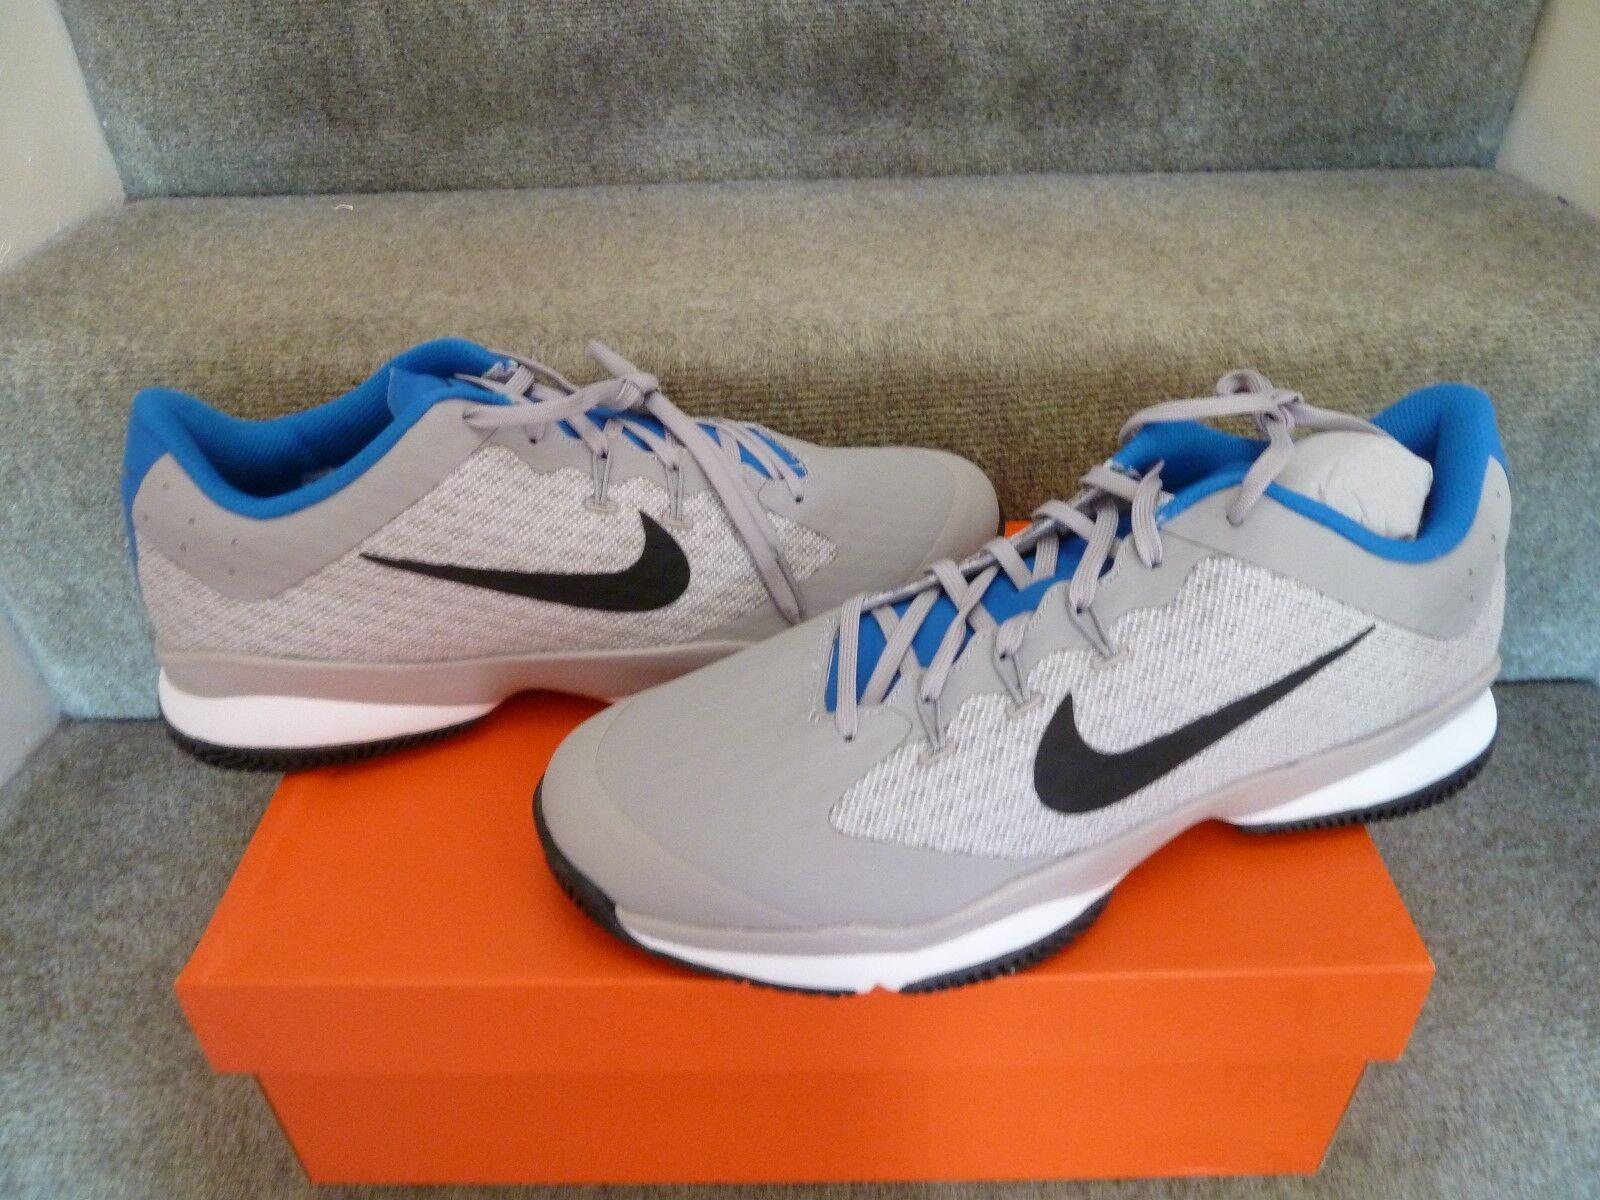 Nike air zoom ultra tennisschuh / trainer uk11 grau - schwarz - weihnachtsgeschenk